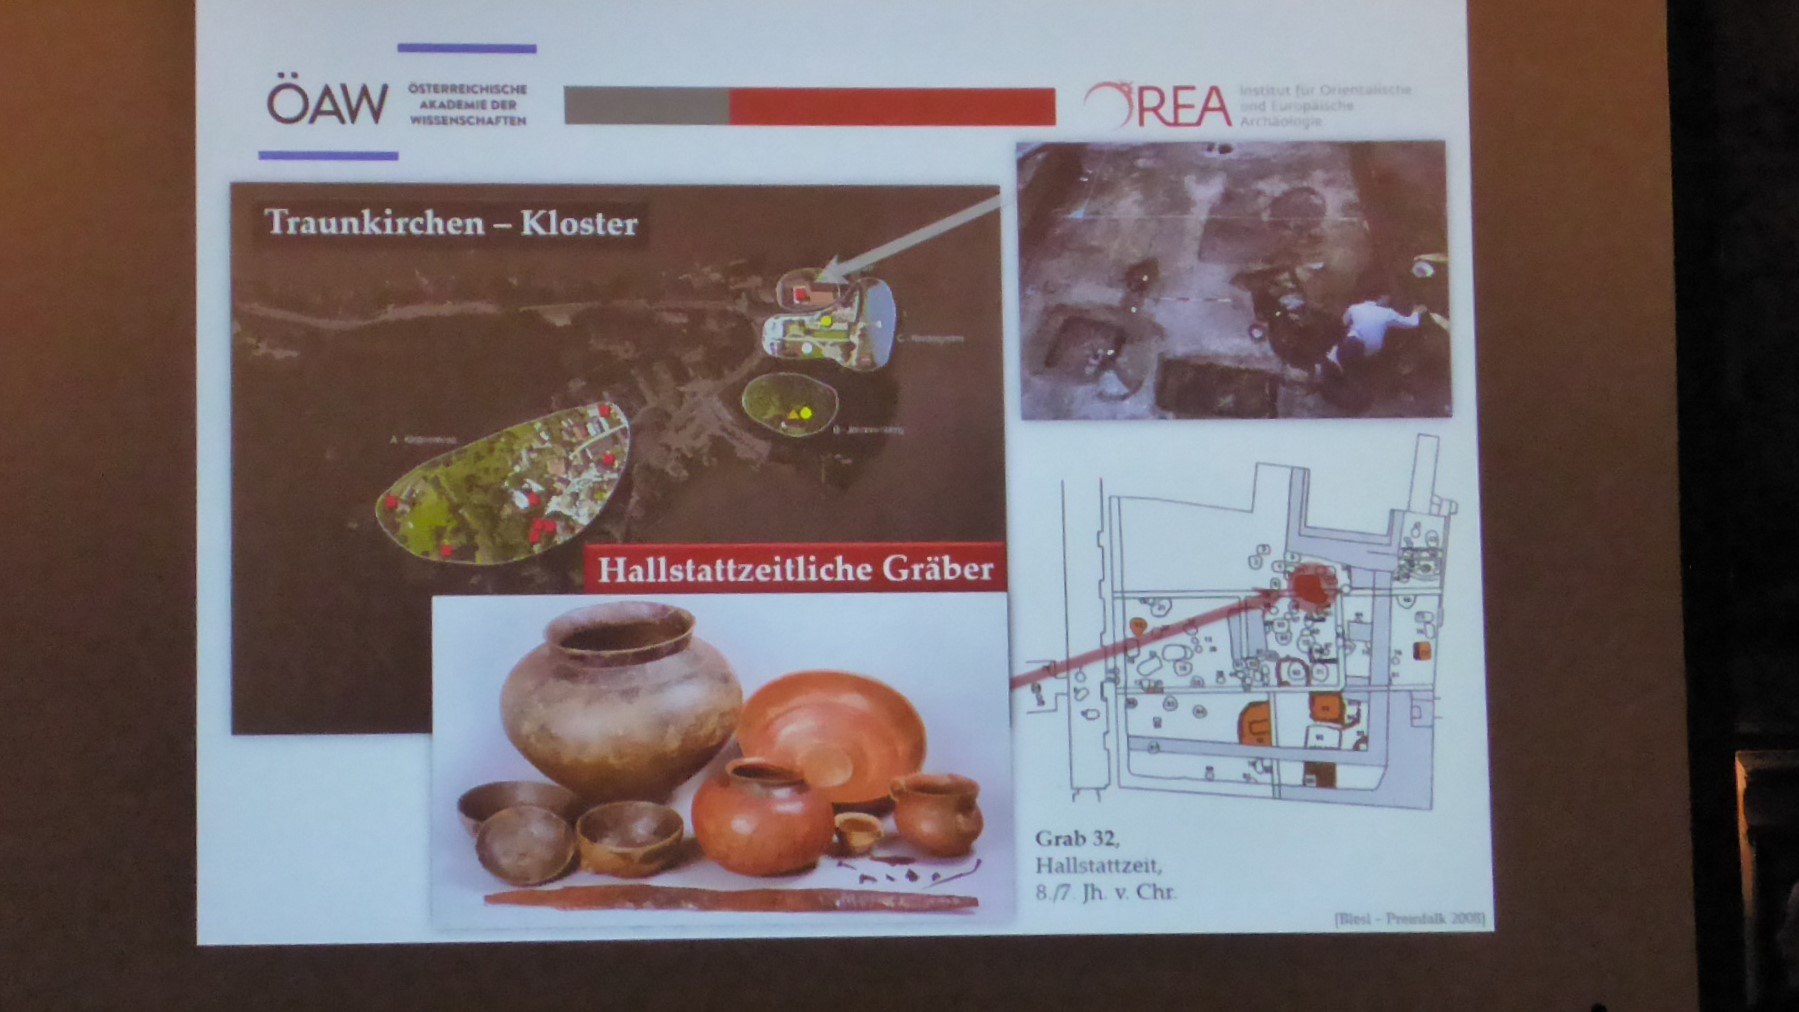 Das Gräberfeld im Kloster bietet Funde aus der Hallstattzeit... ©Norbert Leutner